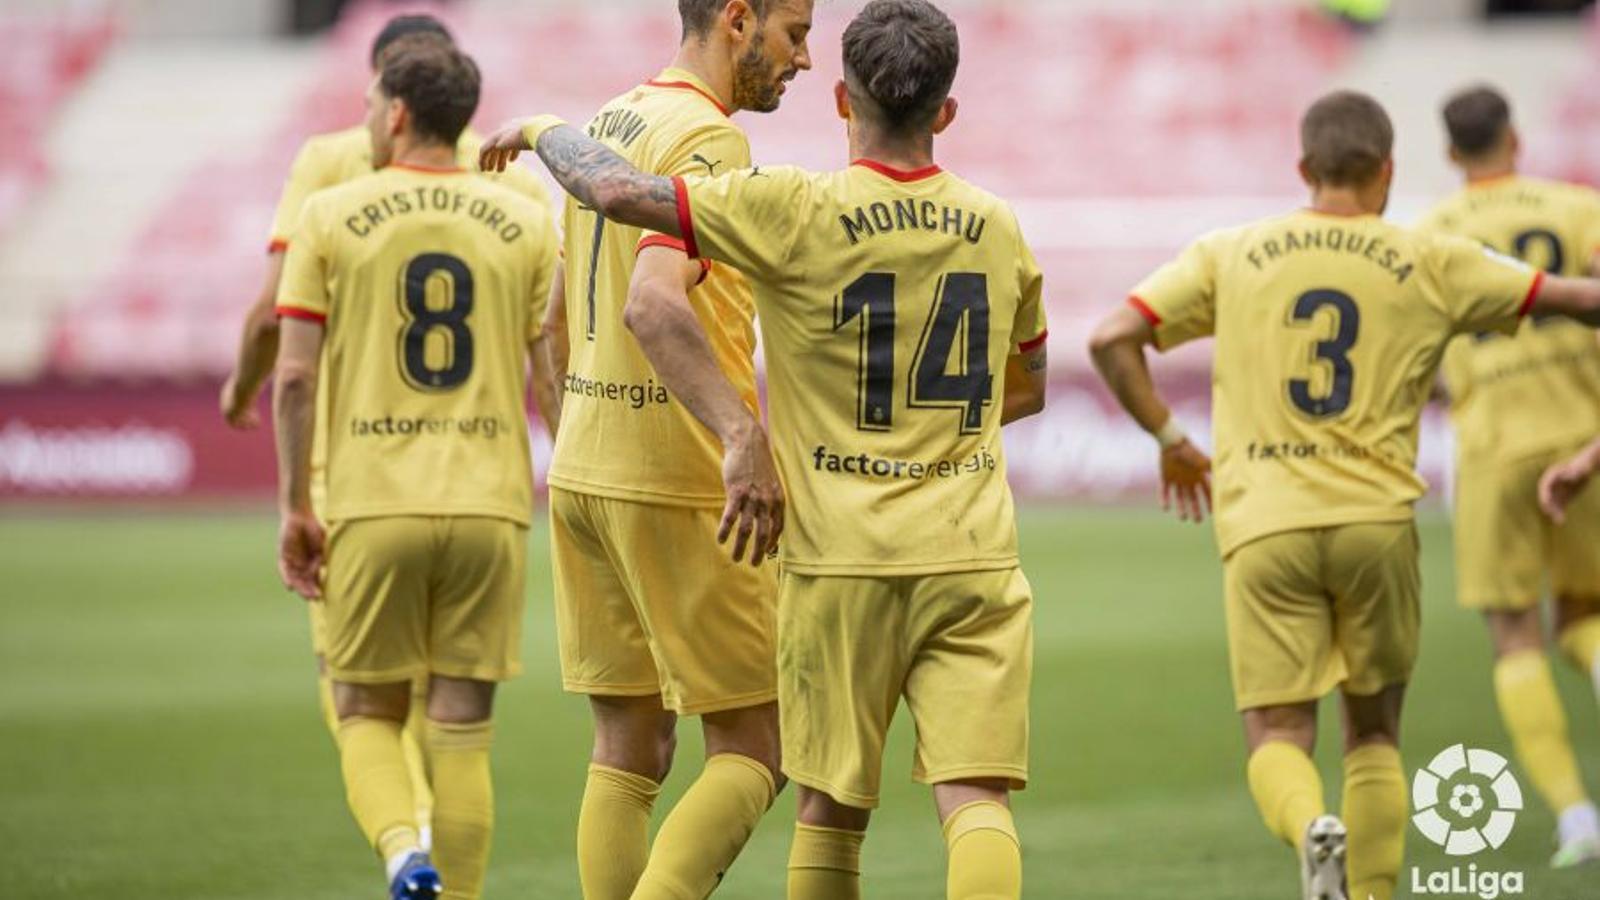 Fins i tot la pissarra pica l'ullet al Girona (1-4)